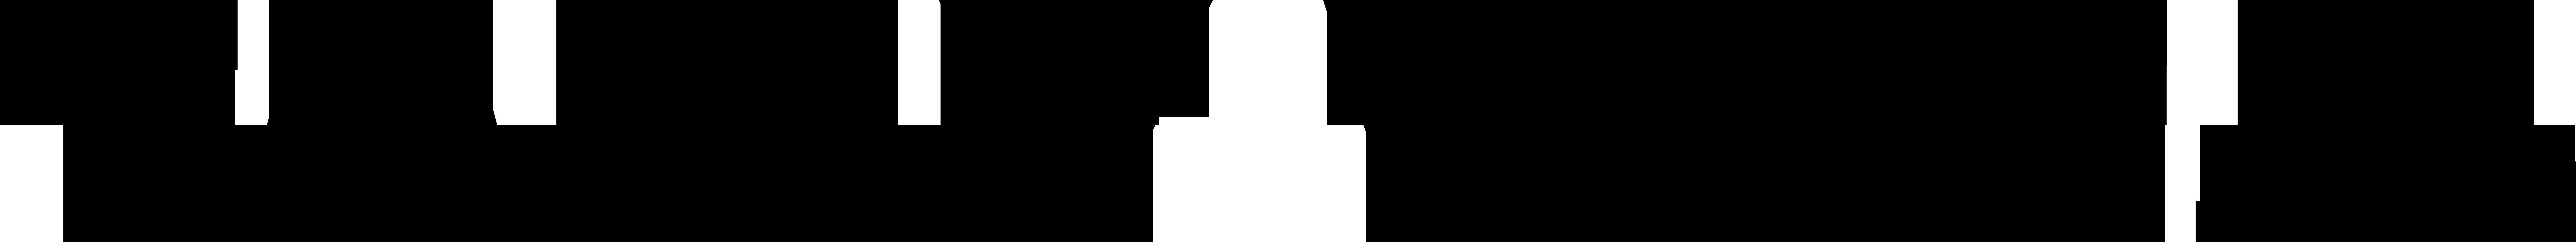 TALLYWEIJL